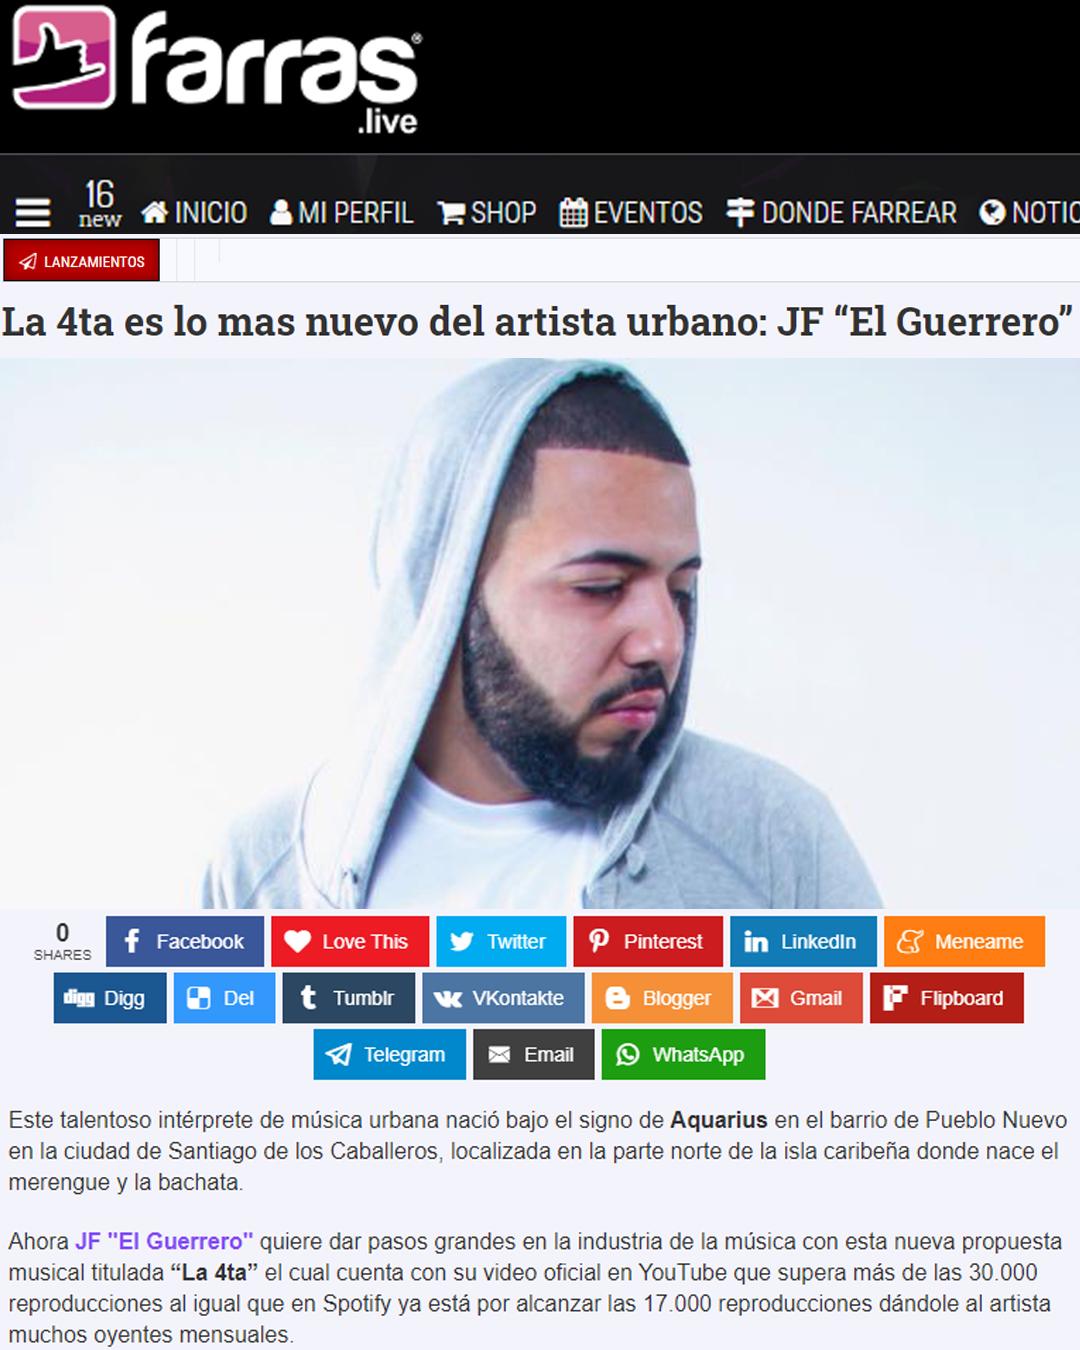 FARRAS ECUADOR